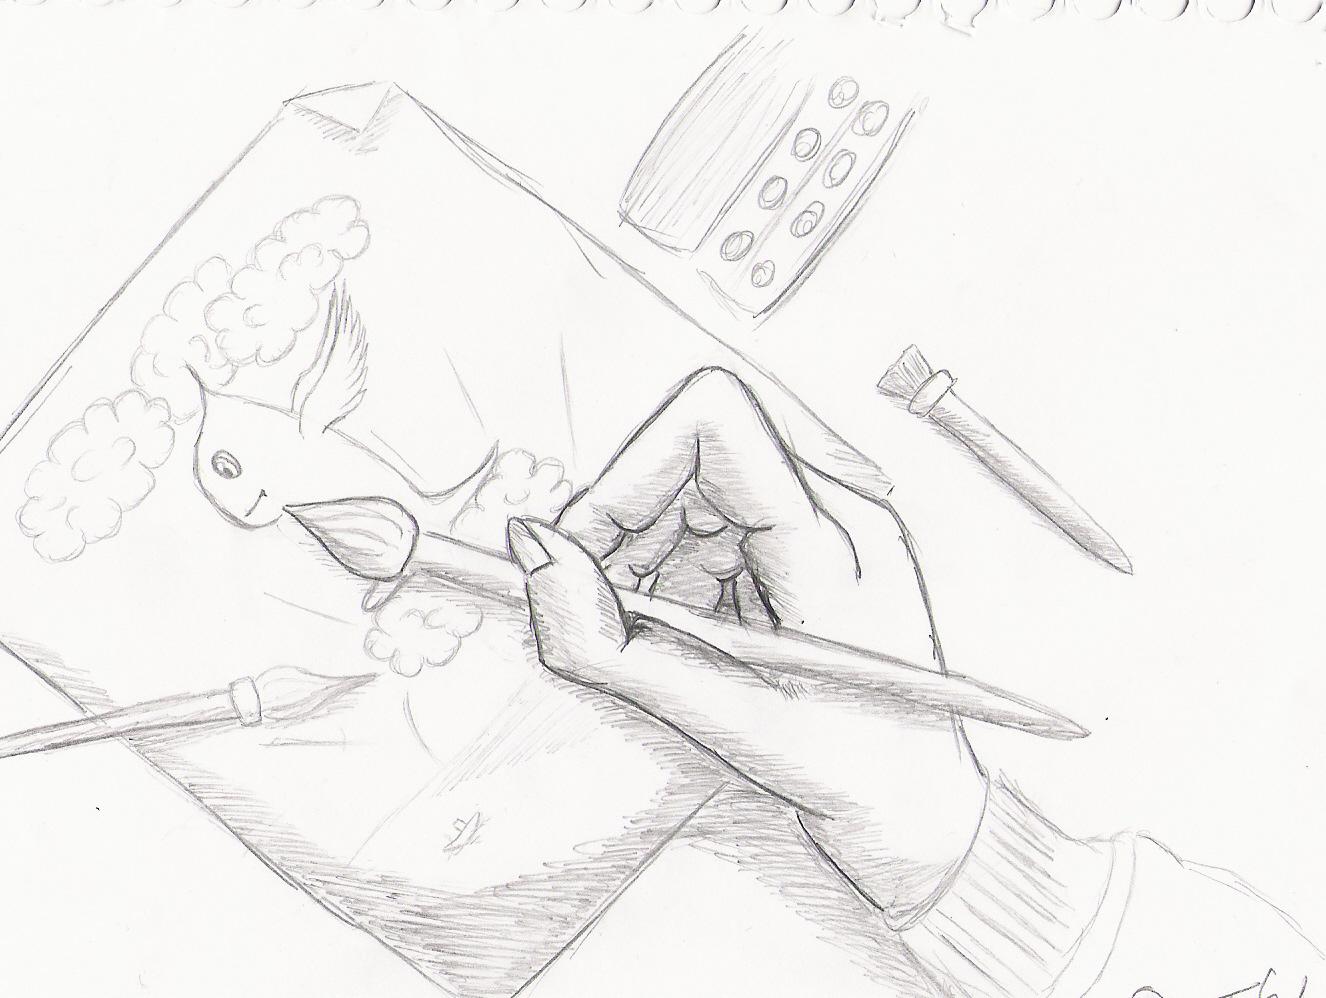 Pokémon-Zeichnung: Pokemon-Zeichnende Hand